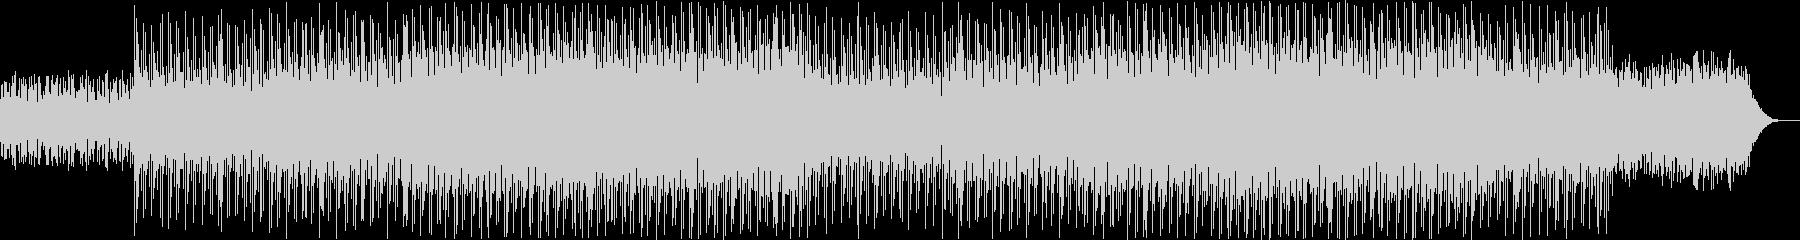 ニュース映像ナレーションバック向け-01の未再生の波形